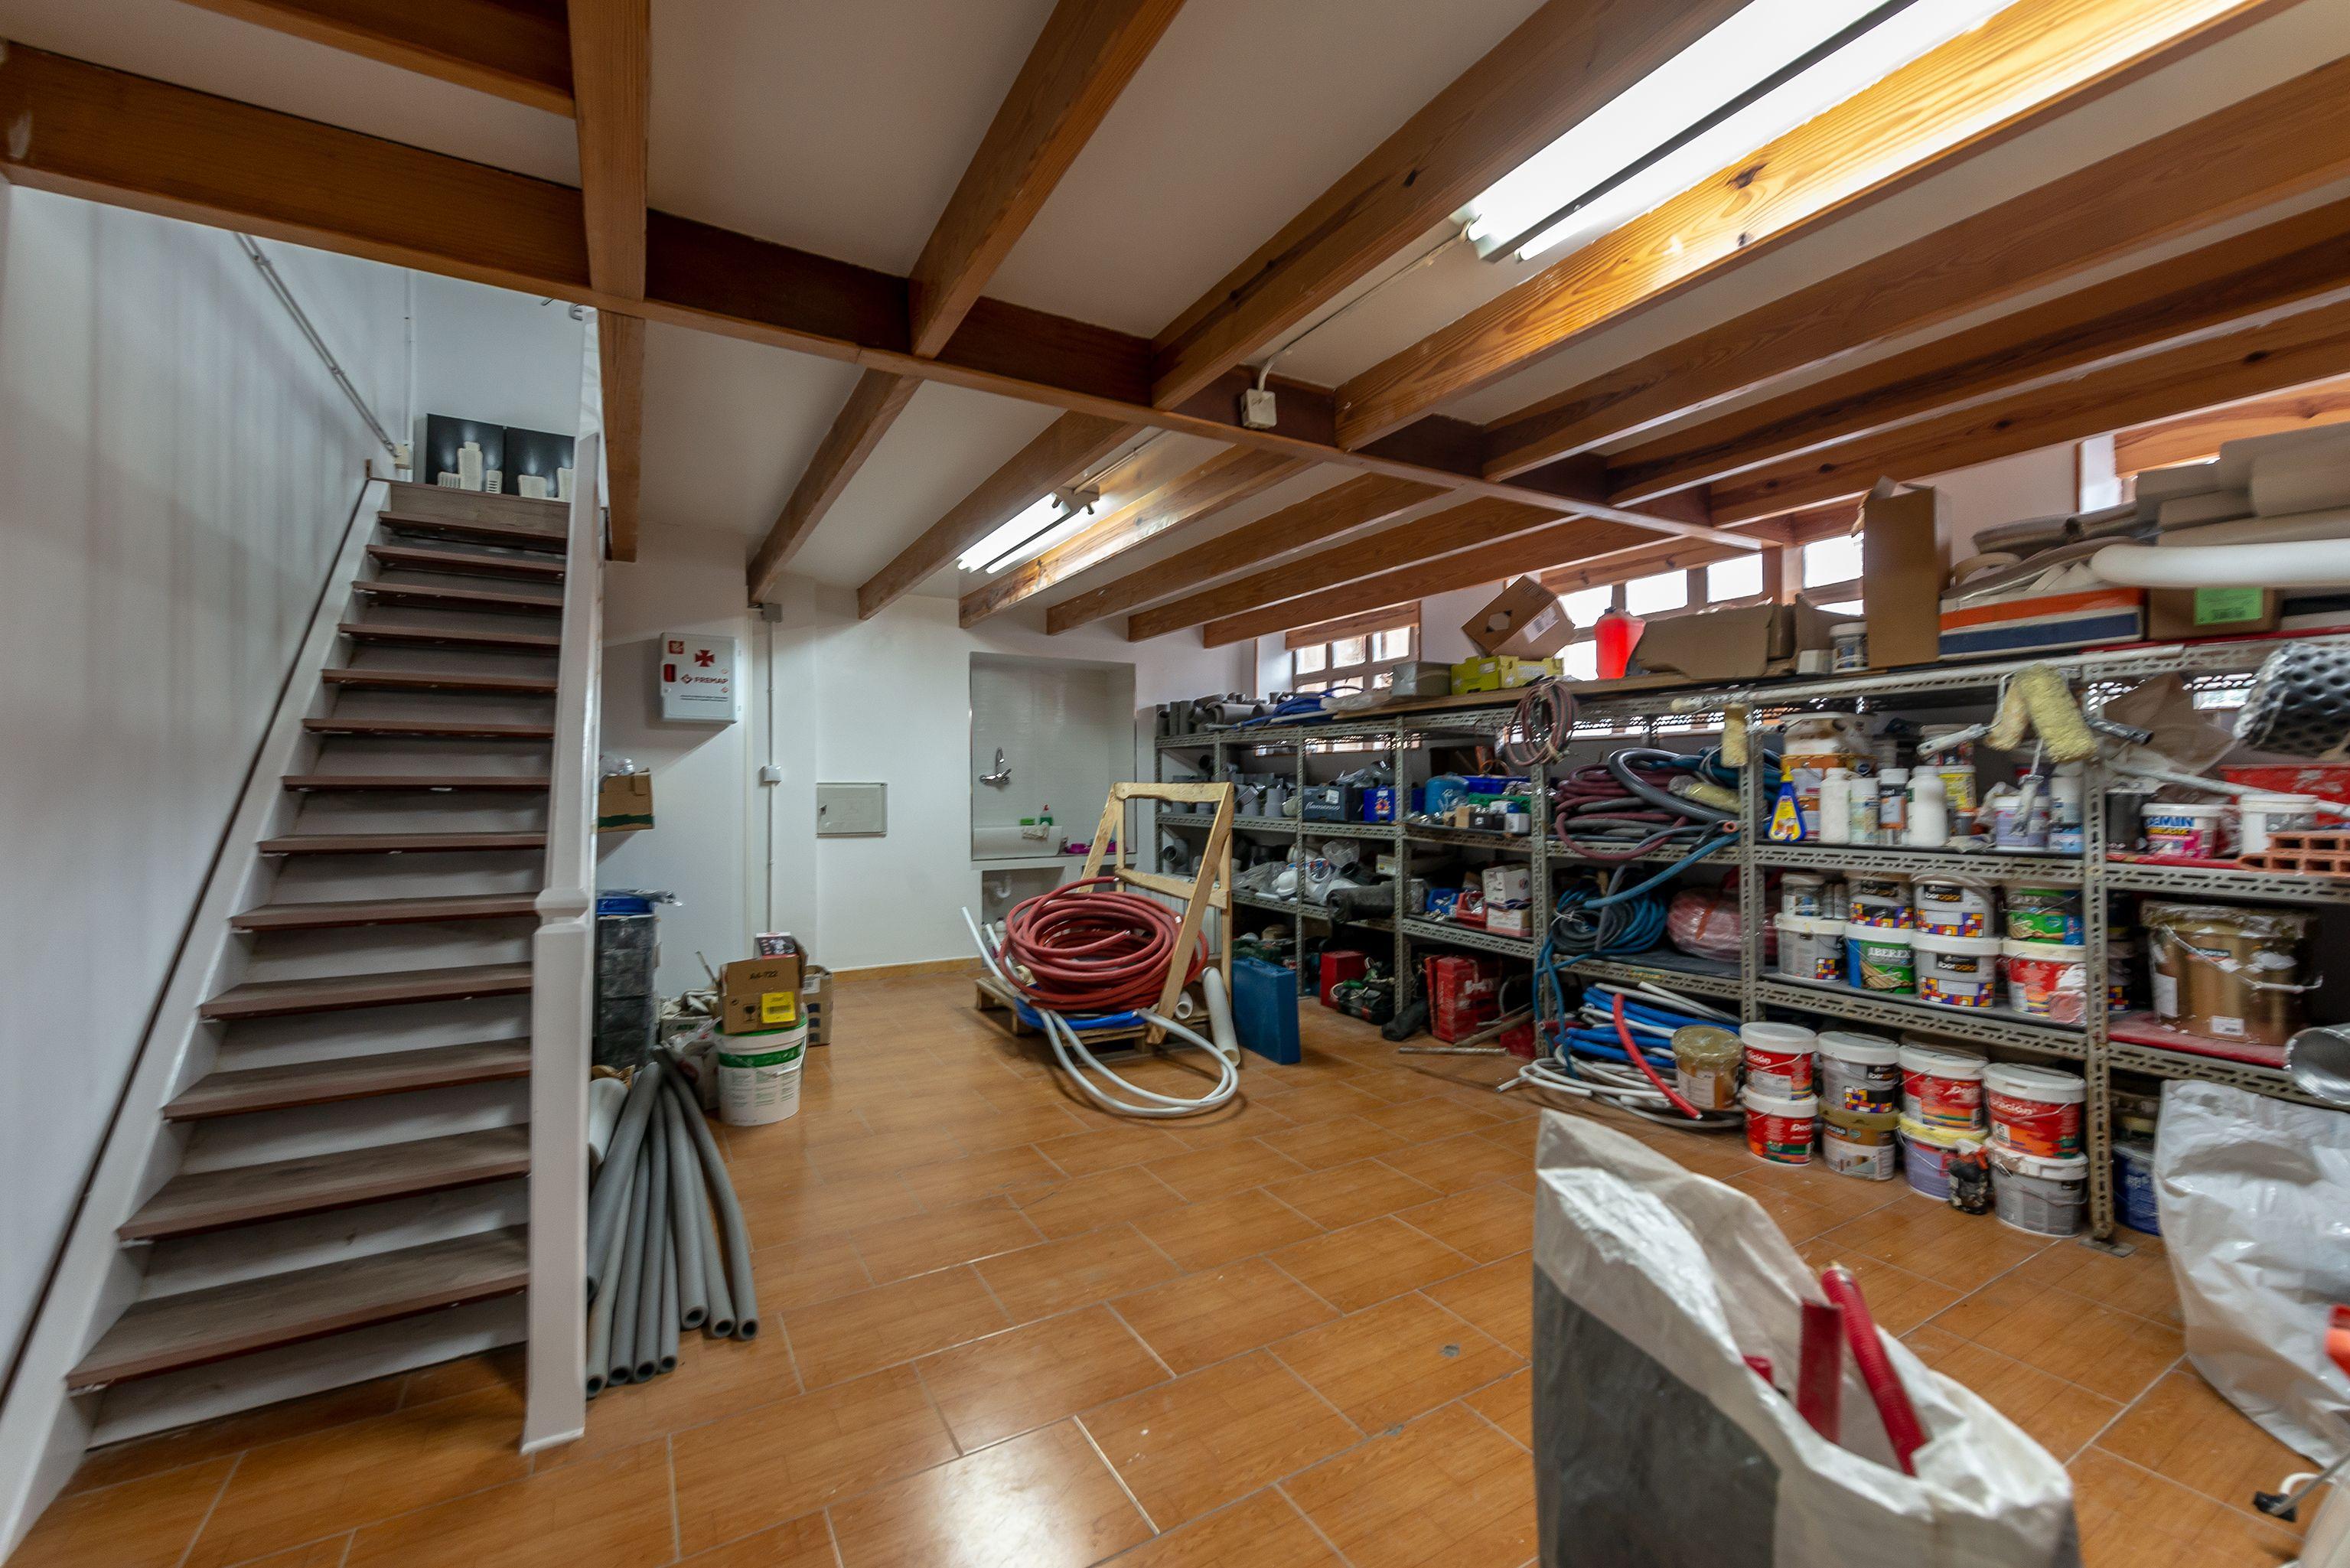 Amplia experiencia en reforma de interiores en Vizcaya